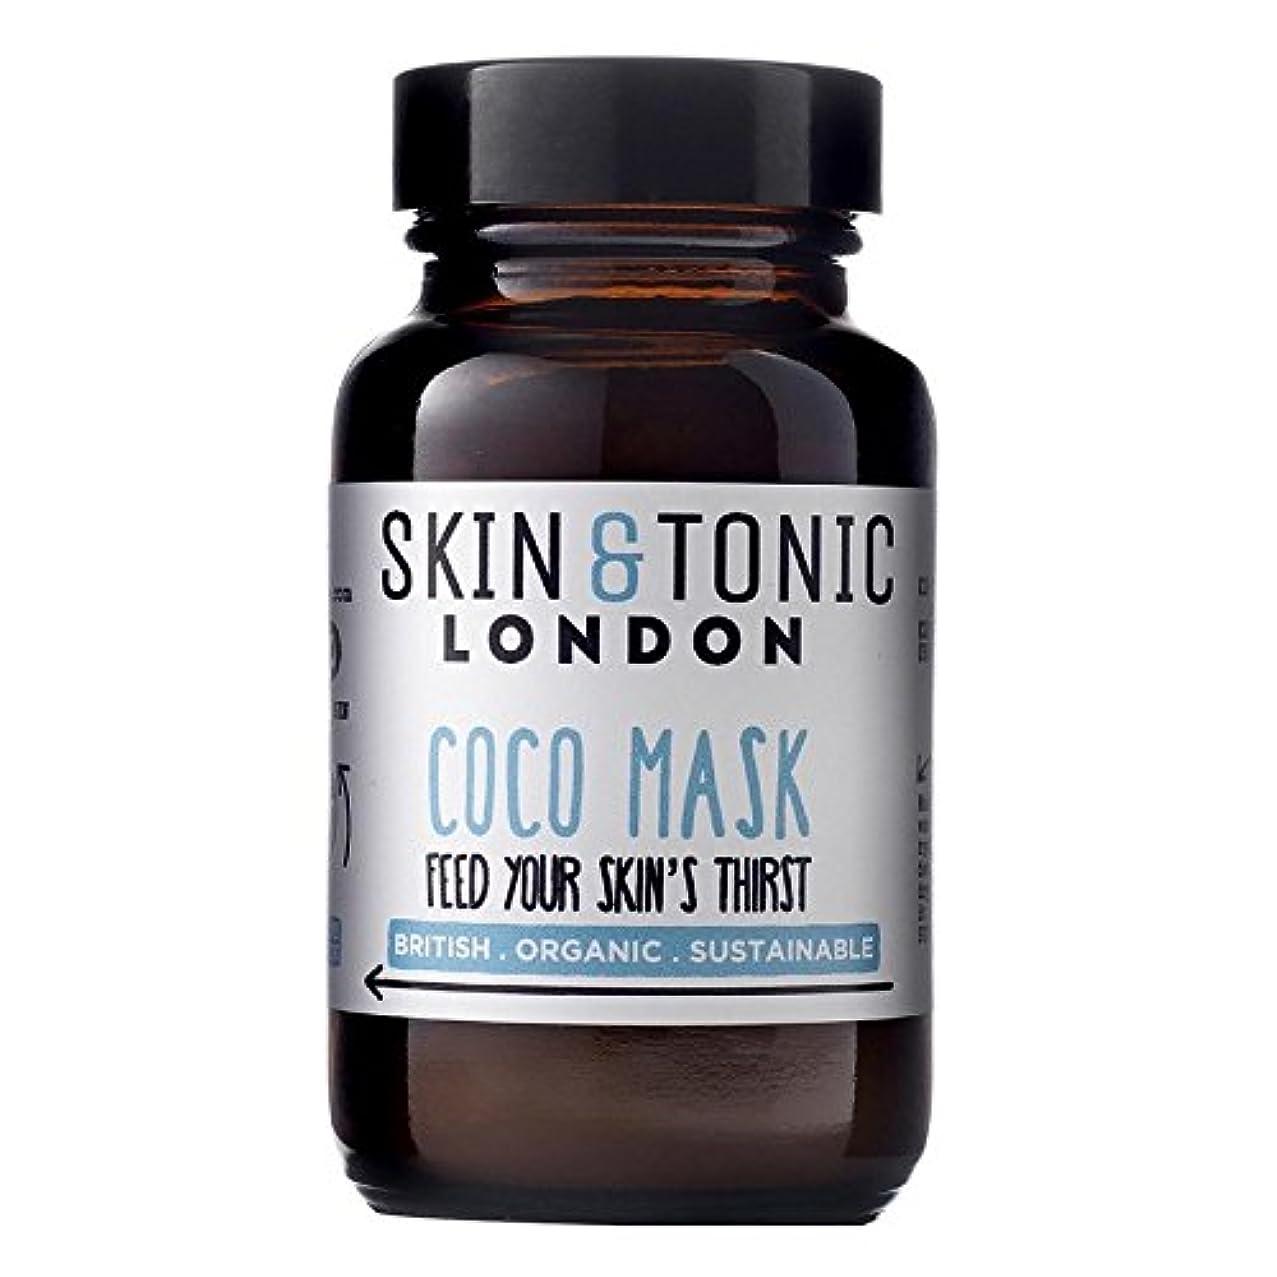 地質学意気揚々最小スキン&トニックロンドンココマスク50グラム x2 - Skin & Tonic London Coco Mask 50g (Pack of 2) [並行輸入品]